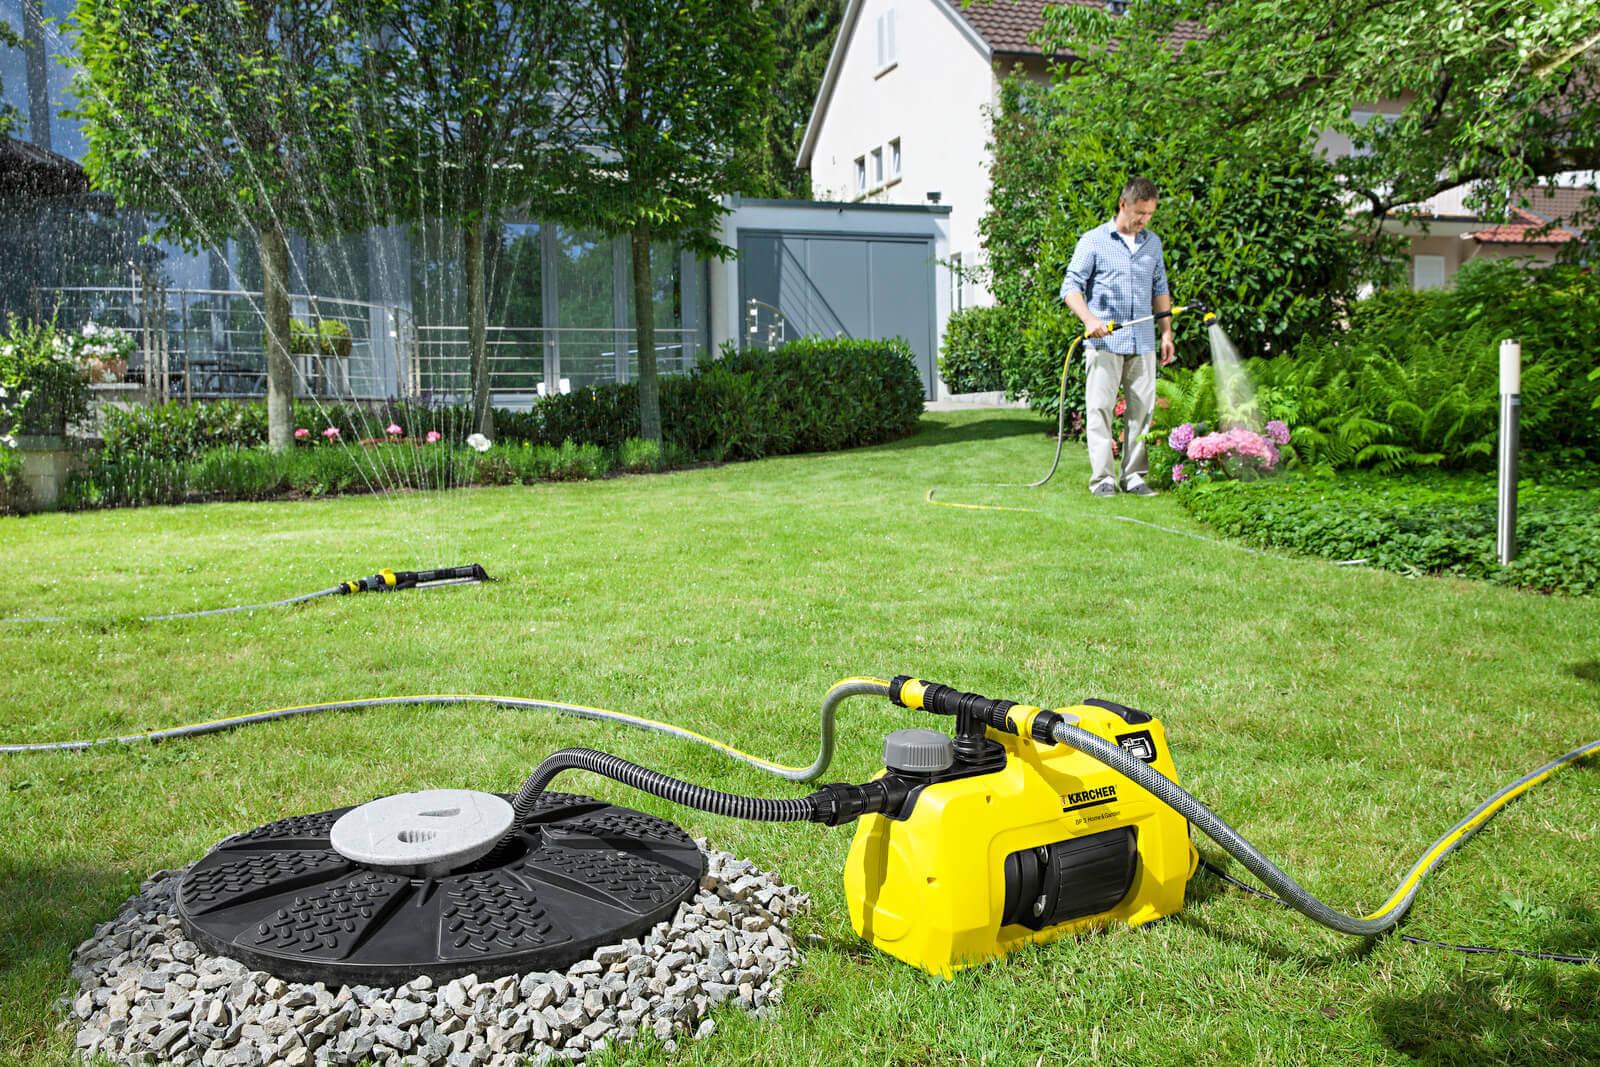 pompy zanurzeniowe i ciśnieniowe w ogrodzie